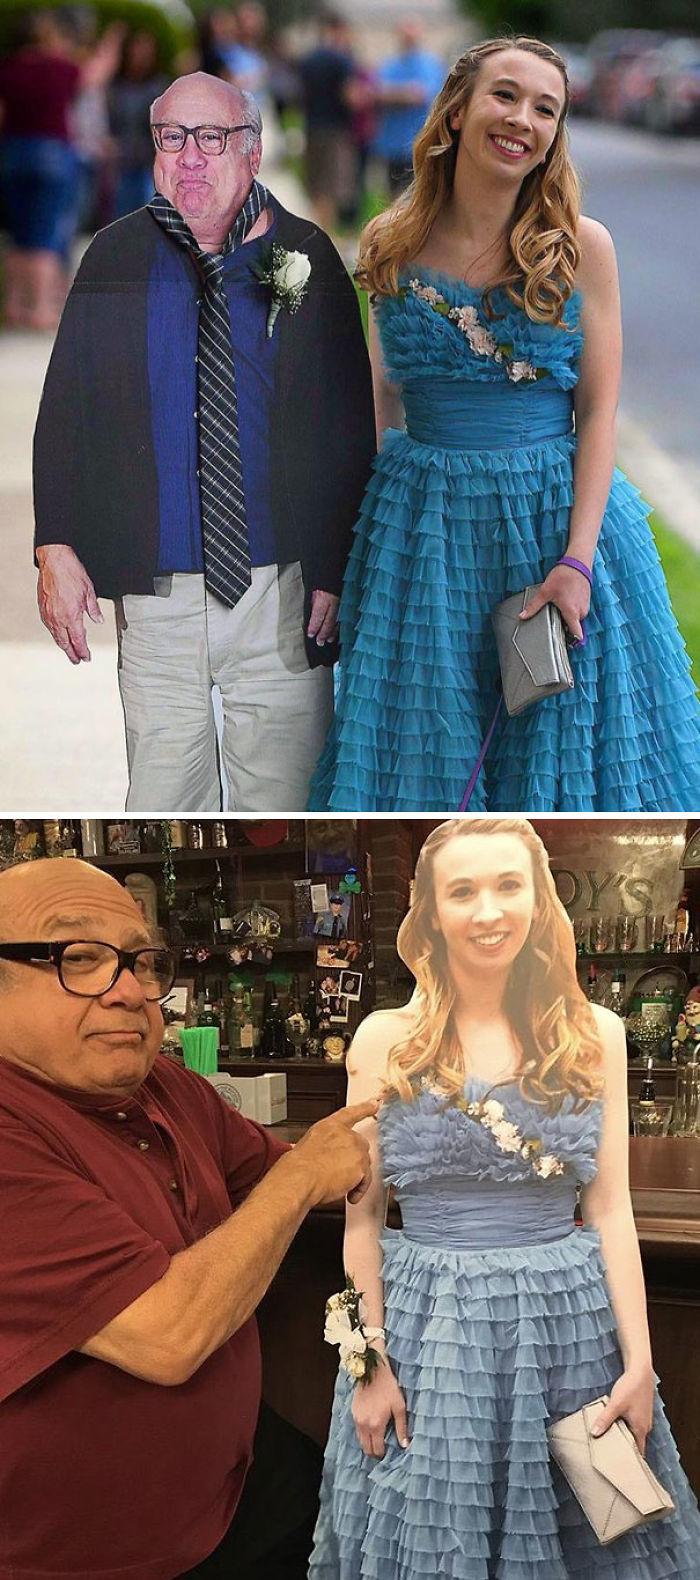 Esta chica llevó una silueta de Danny DeVito a su graduación, y Danny DeVito llevó una silueta de ella al pub